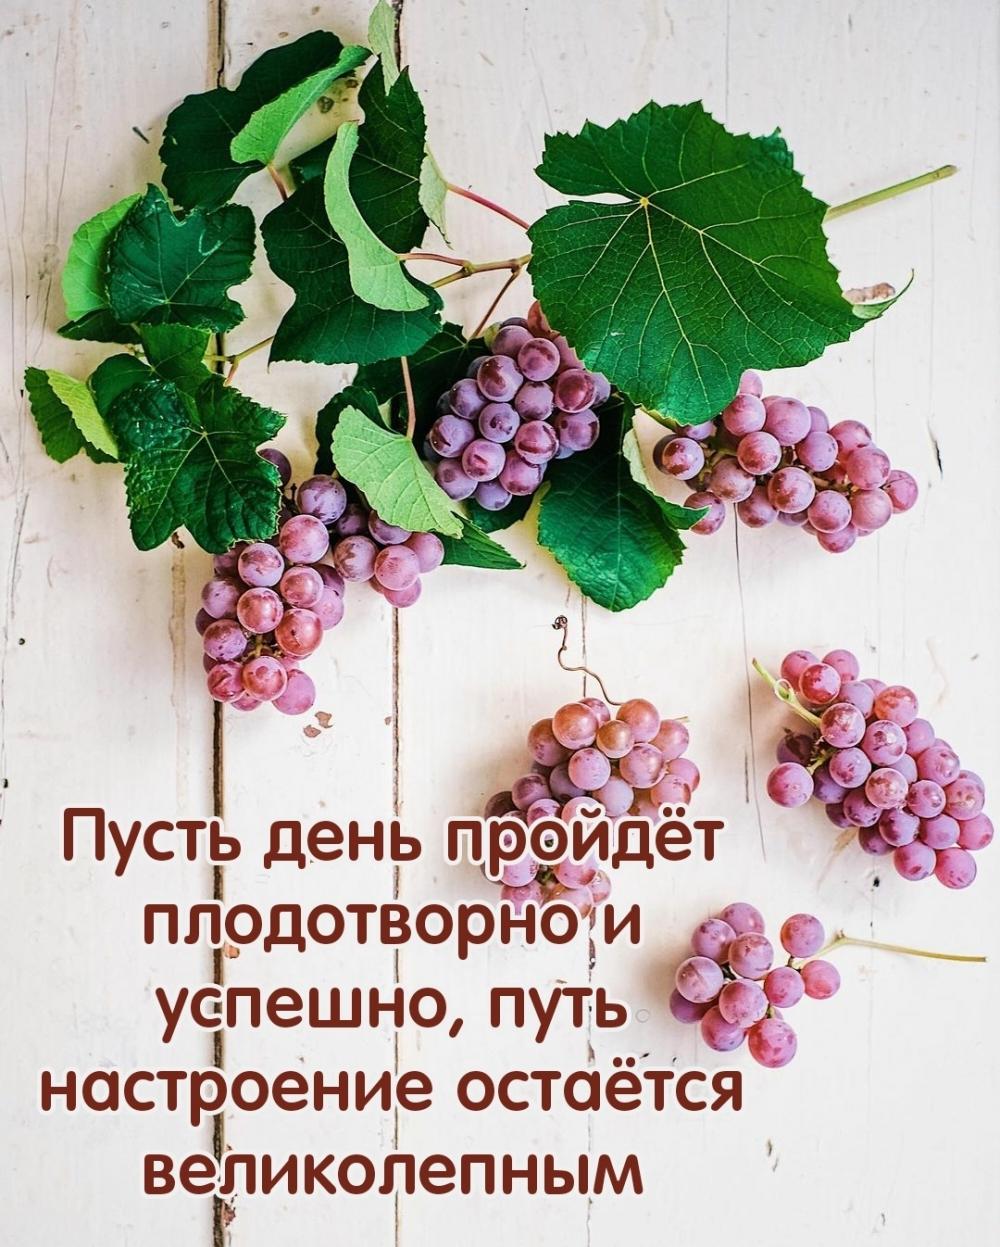 Пусть день пройдёт плодотворно и успешно